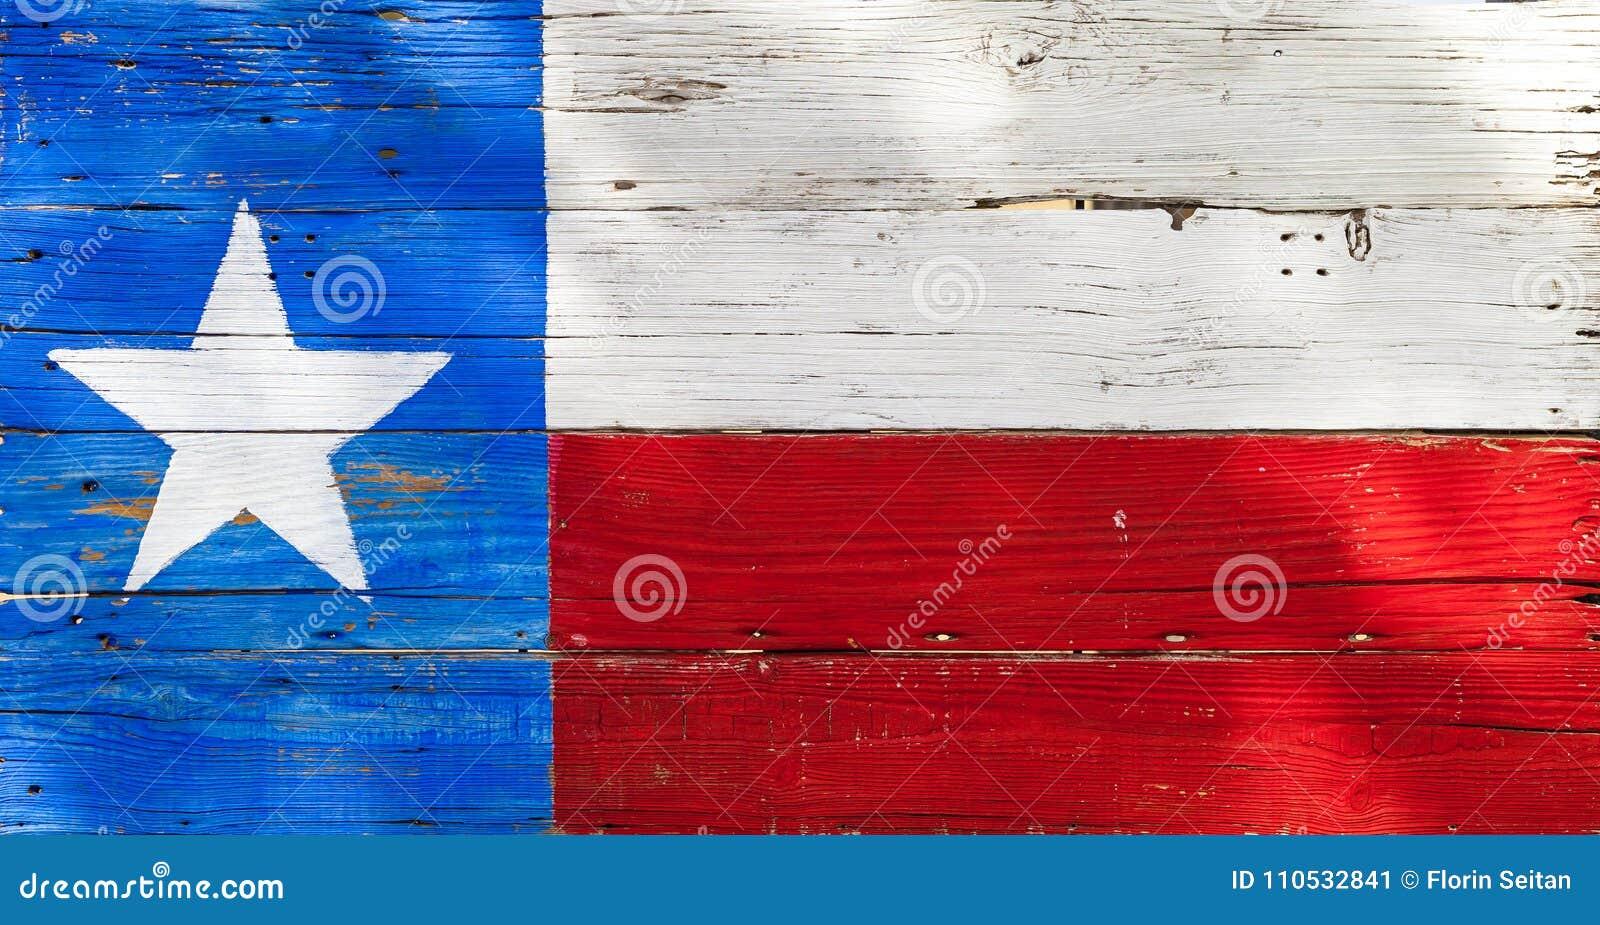 Texas-Flagge gemalt auf rustikalen verwitterten hölzernen Brettern